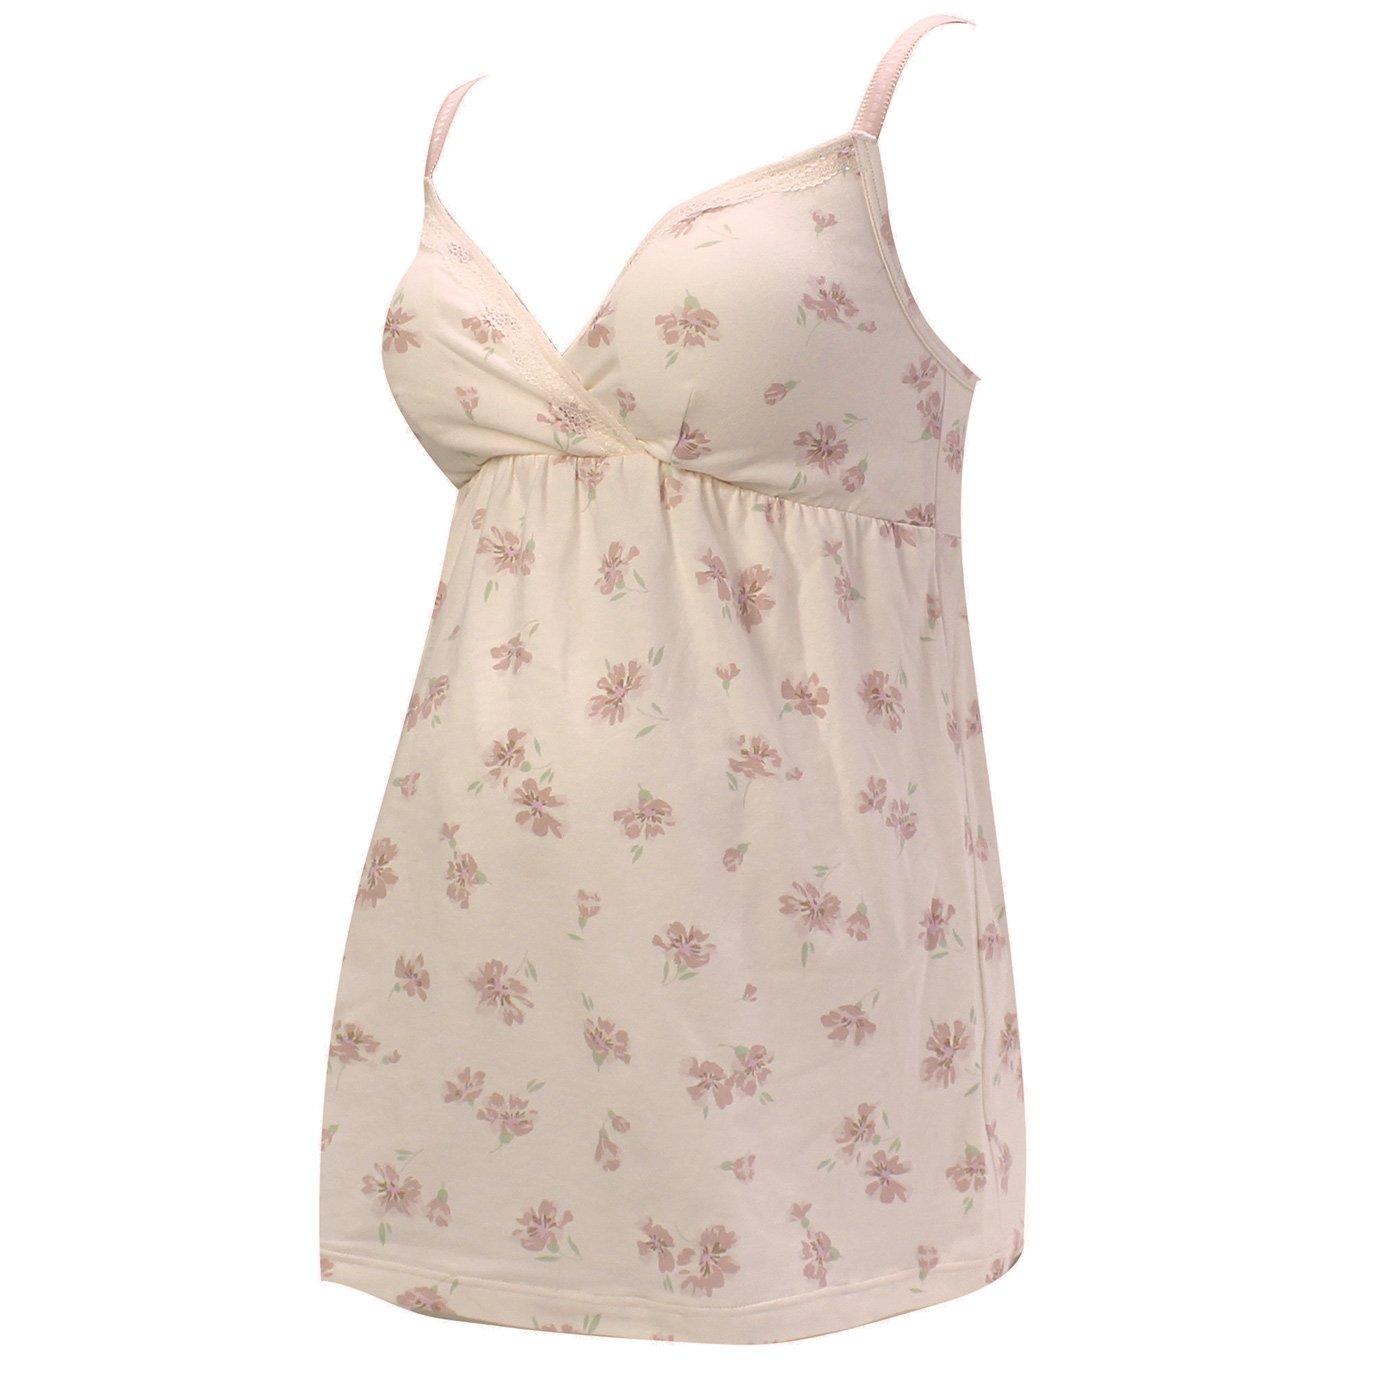 マタニティ・産後使える エレガントフラワーをちりばめた授乳ブラキャミインナー〈ピンク〉